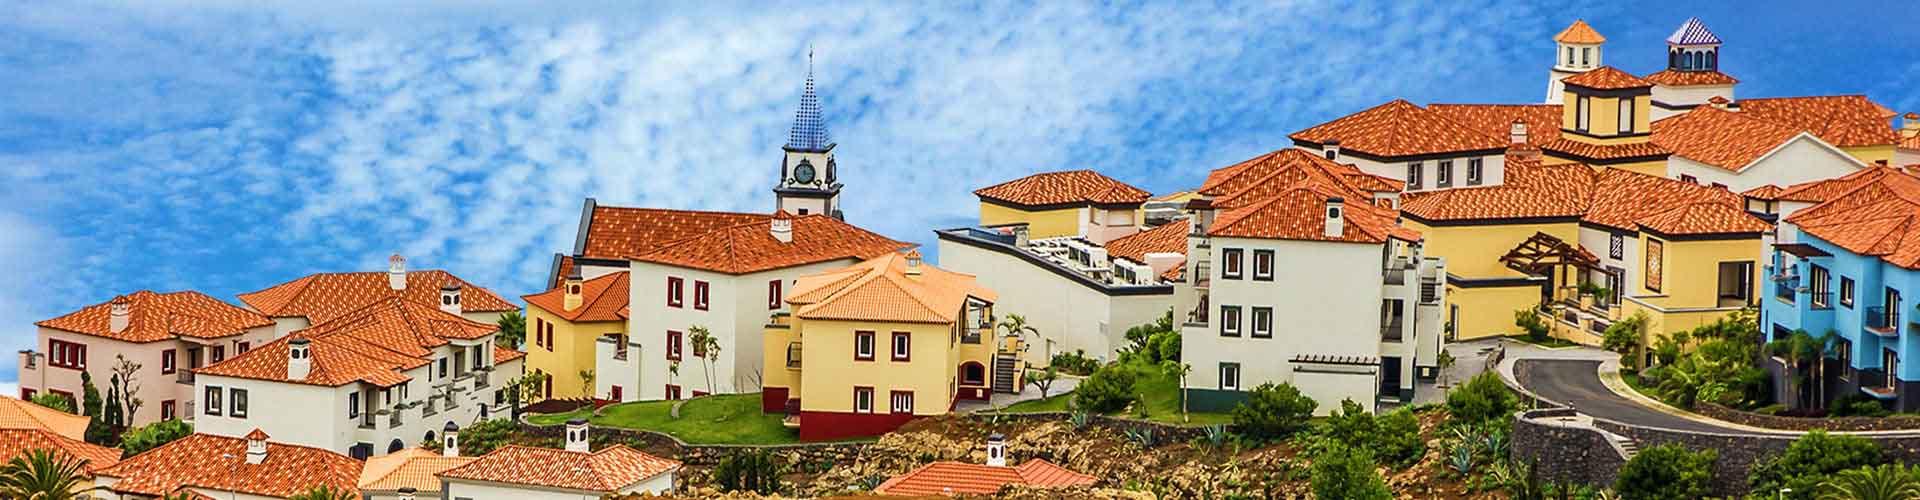 Madeira Island - Hôtels à Madeira Island. Cartes pour Madeira Island, photos et commentaires pour chaque hôtel à Madeira Island.